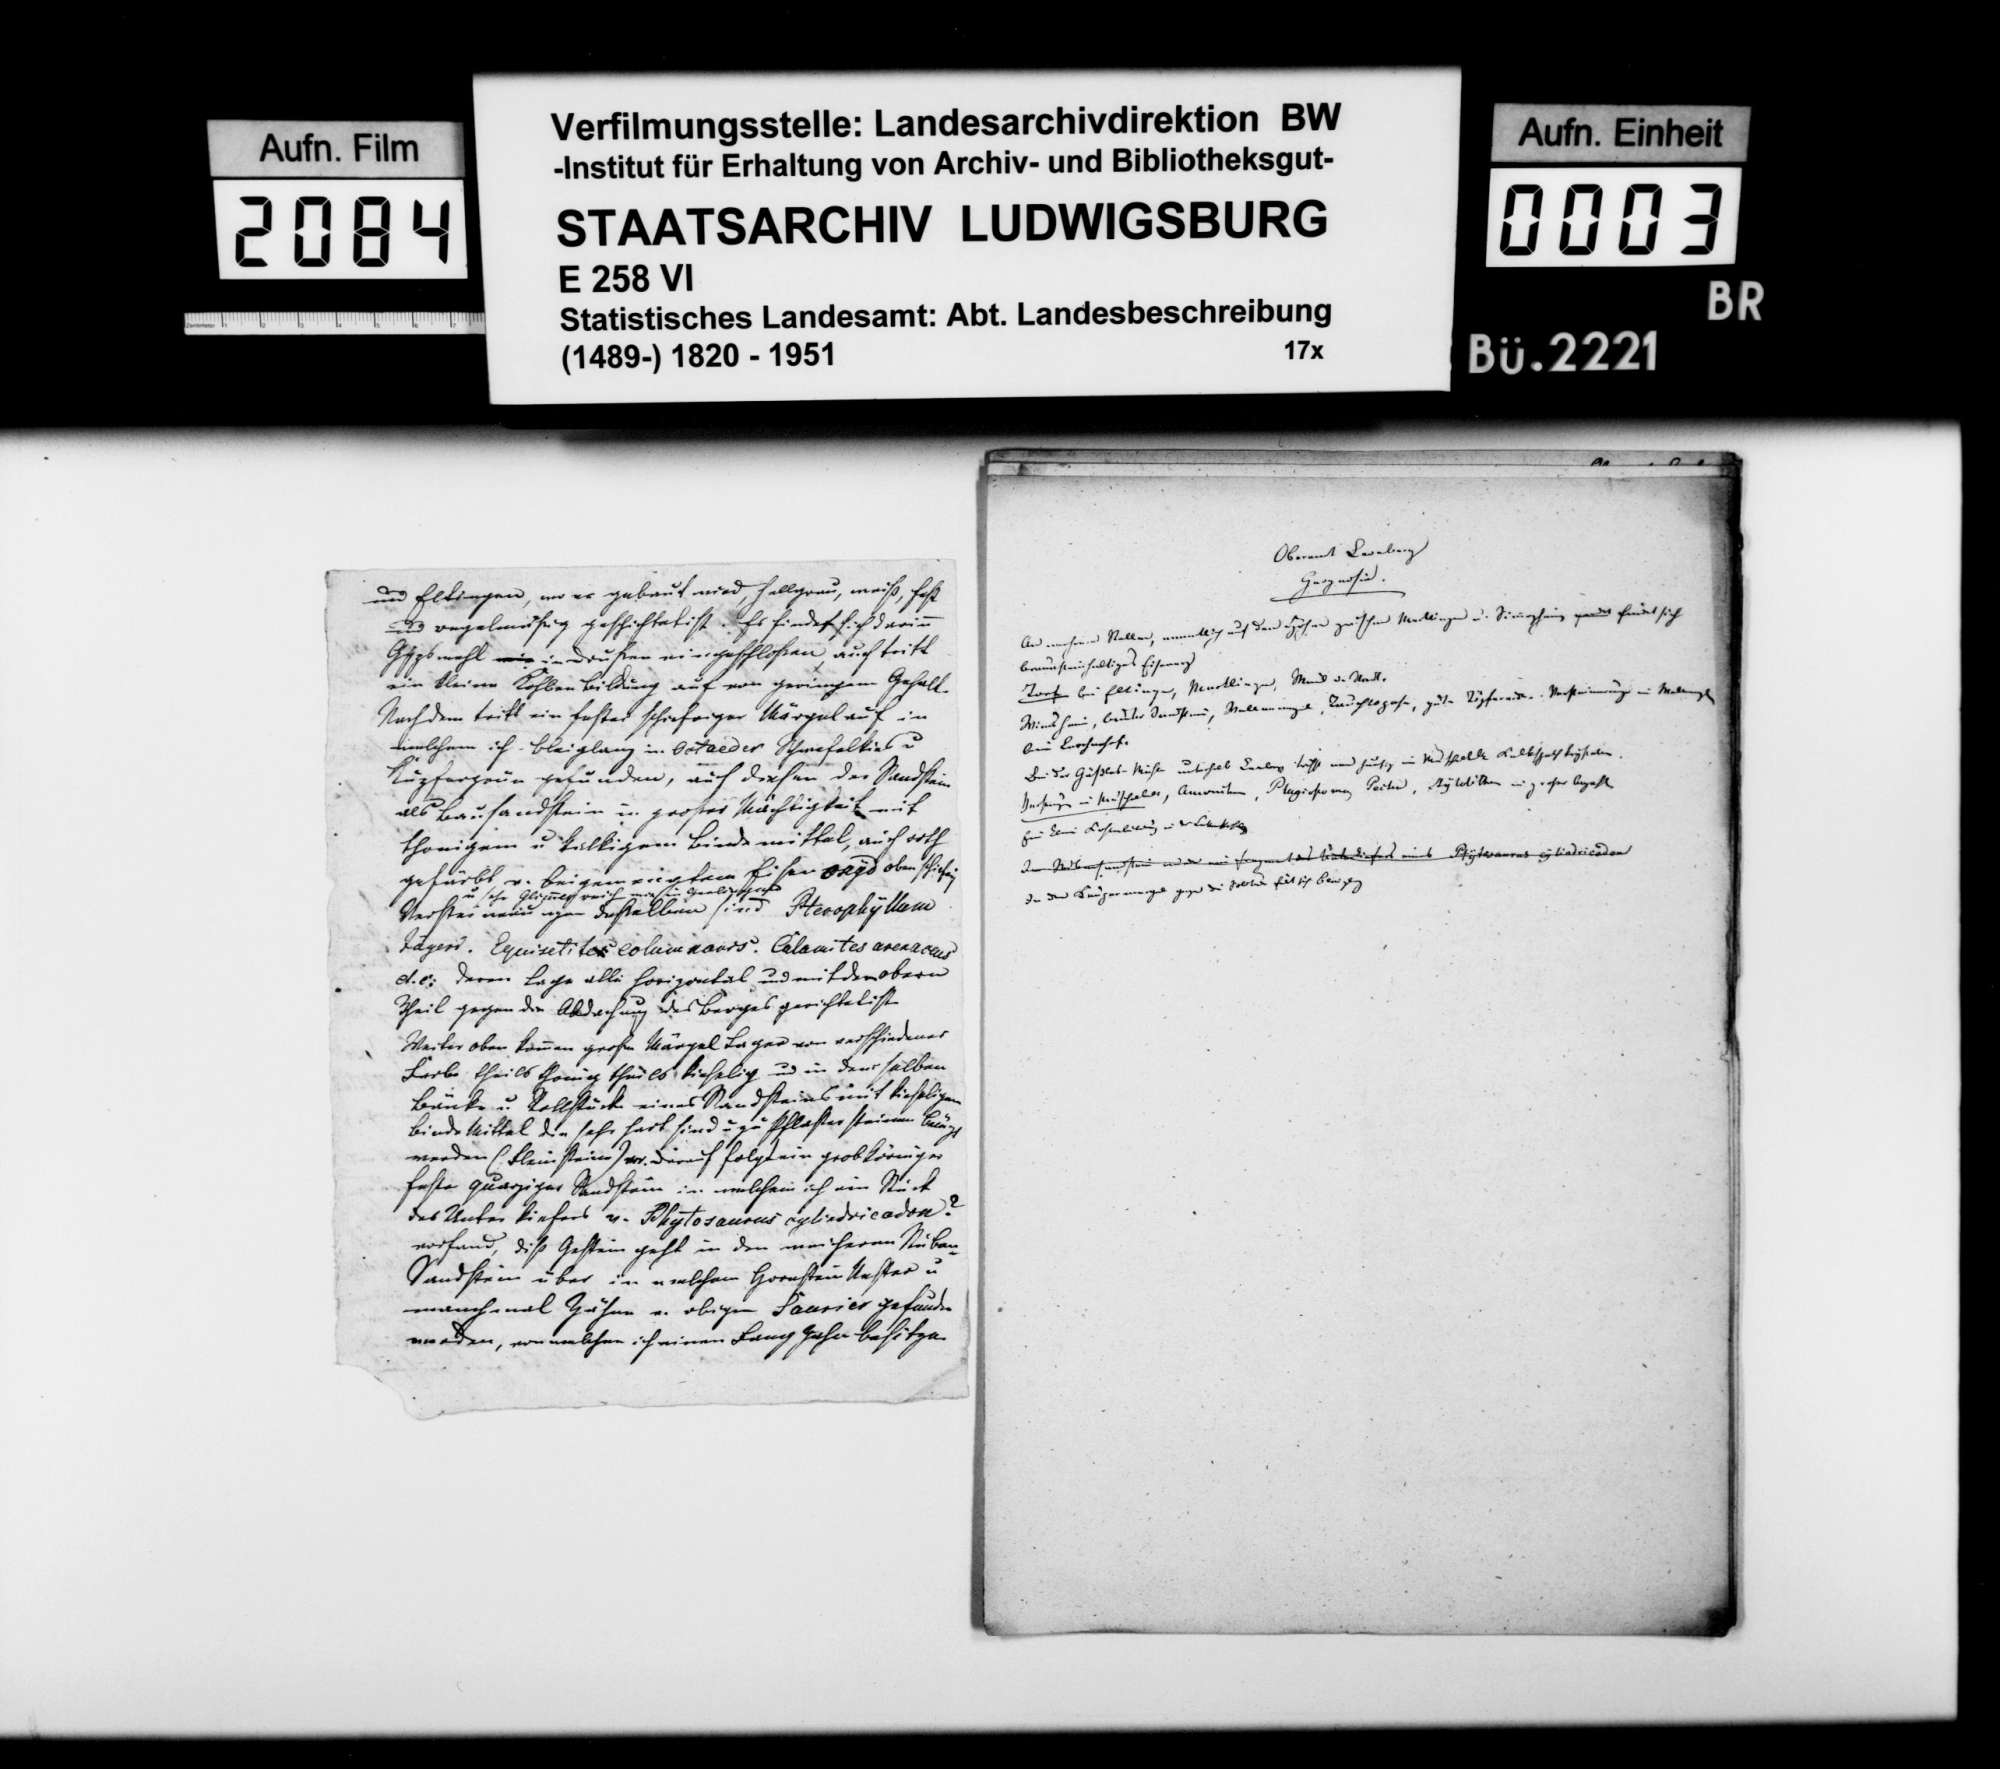 Notizen [v.a. des Topographen Karl Eduard Paulus] zu den natürlichen Verhältnissen im Oberamt, Bild 2